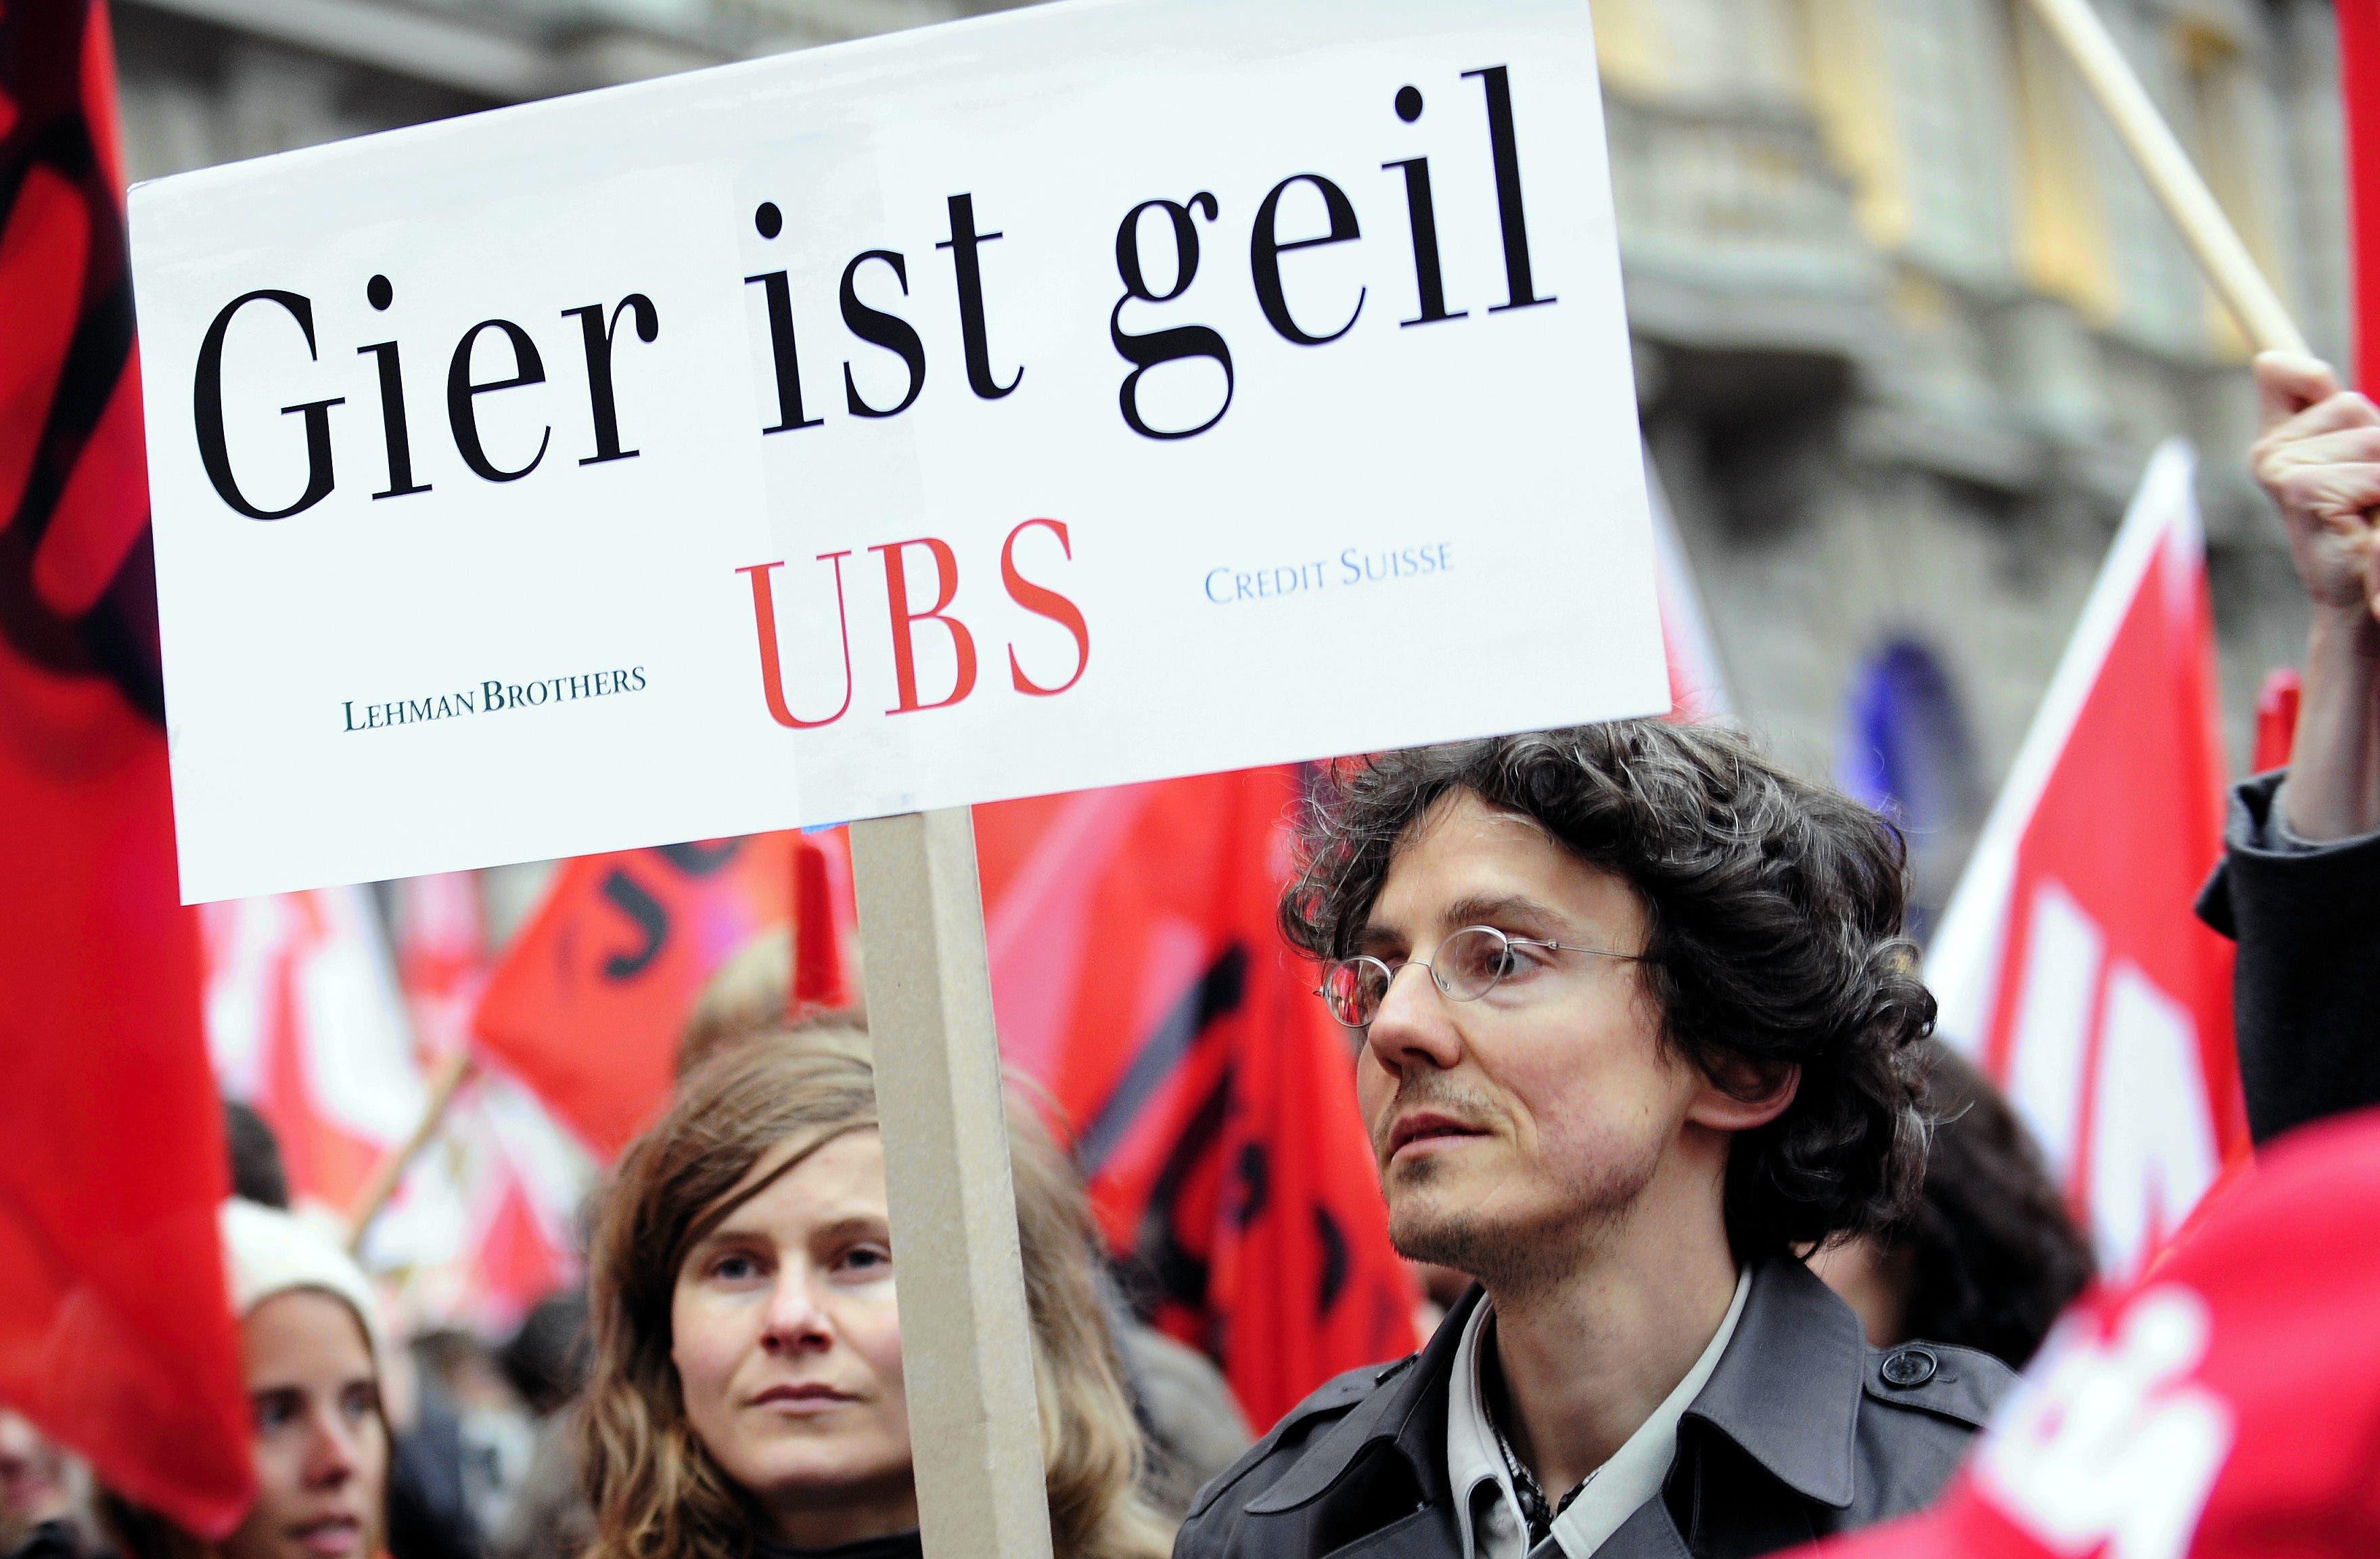 UBS-Rettung: Steuergelder für die Wirtschaft? Kein Verständnis Die UBS brachte die Schweiz im Oktober 2008 gefährlich nah an den Abgrund: Die Grossbank hatte in den Jahren zuvor in einer von Grössenwahn getriebenen Strategie ihre Bilanzsumme auf das Vierfache des schweizerischen Bruttoinlandprodukts aufgebläht, ehe die globale Finanzkrise sie hart traf. Der Bundesrat erklärte die UBS für «too big to fail» – und griff ihr mit dutzenden Milliarden Franken unter die Arme.